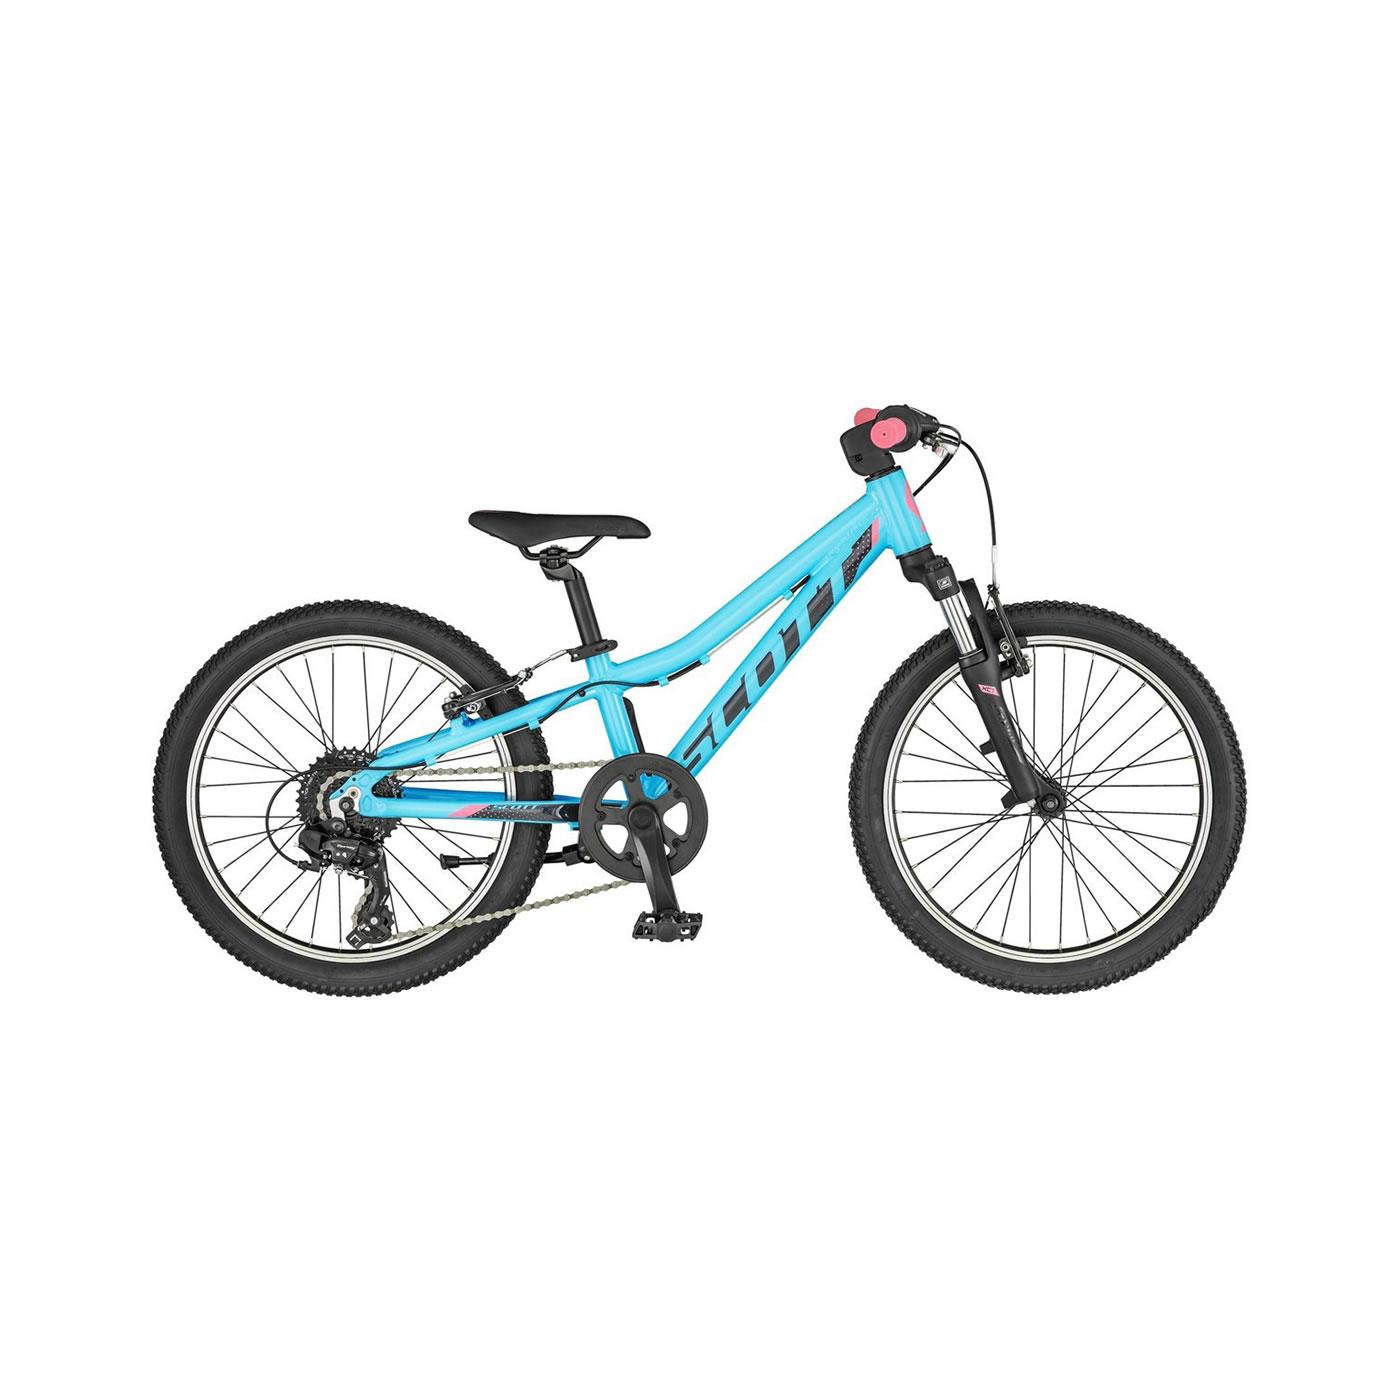 e63548c6c11 Scott Contessa JR 20w 2019 – Kids Bike | Bikestyle